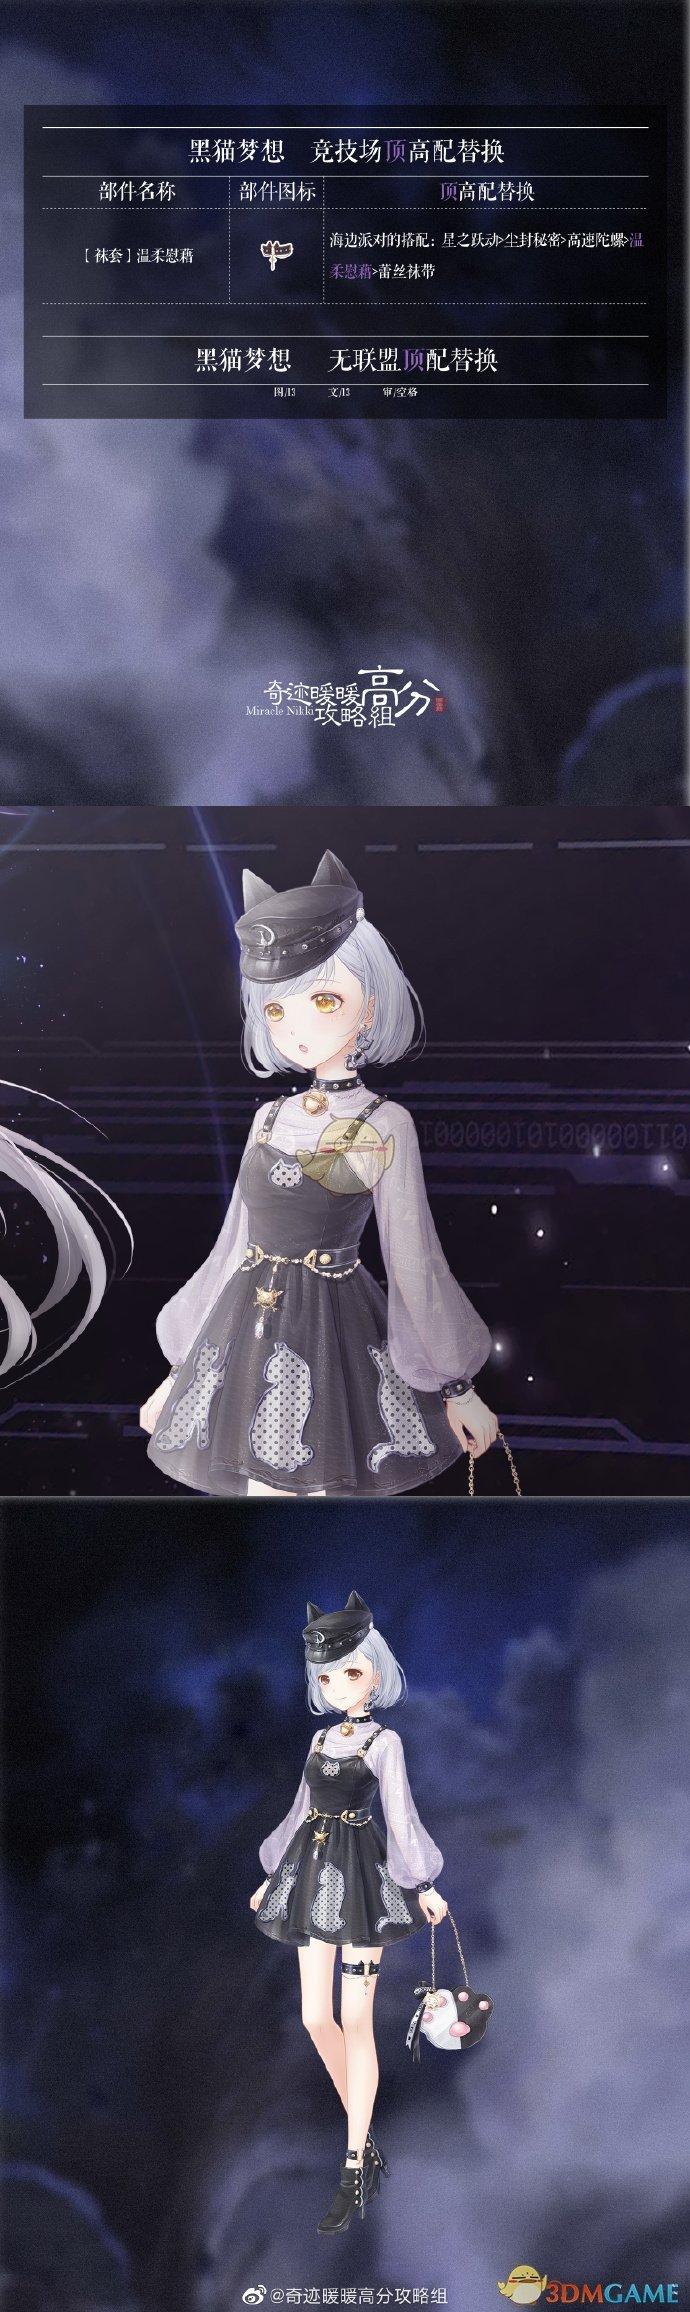 《奇迹暖暖》黑猫梦想套装高分搭配攻略介绍